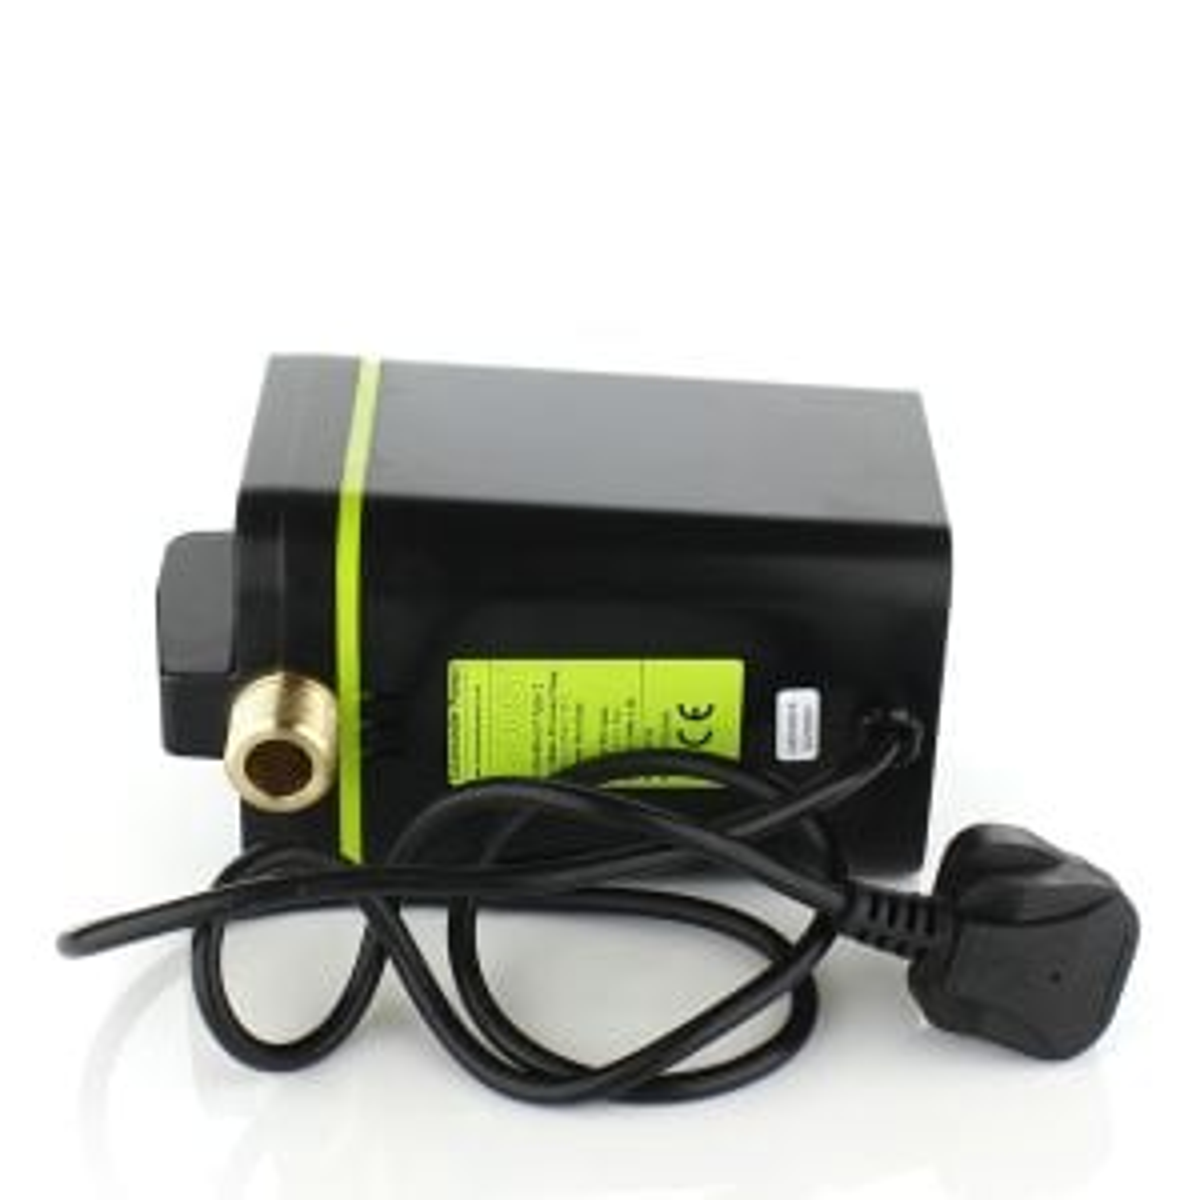 Salamander Home Boost Pump 1.6 Bar Right